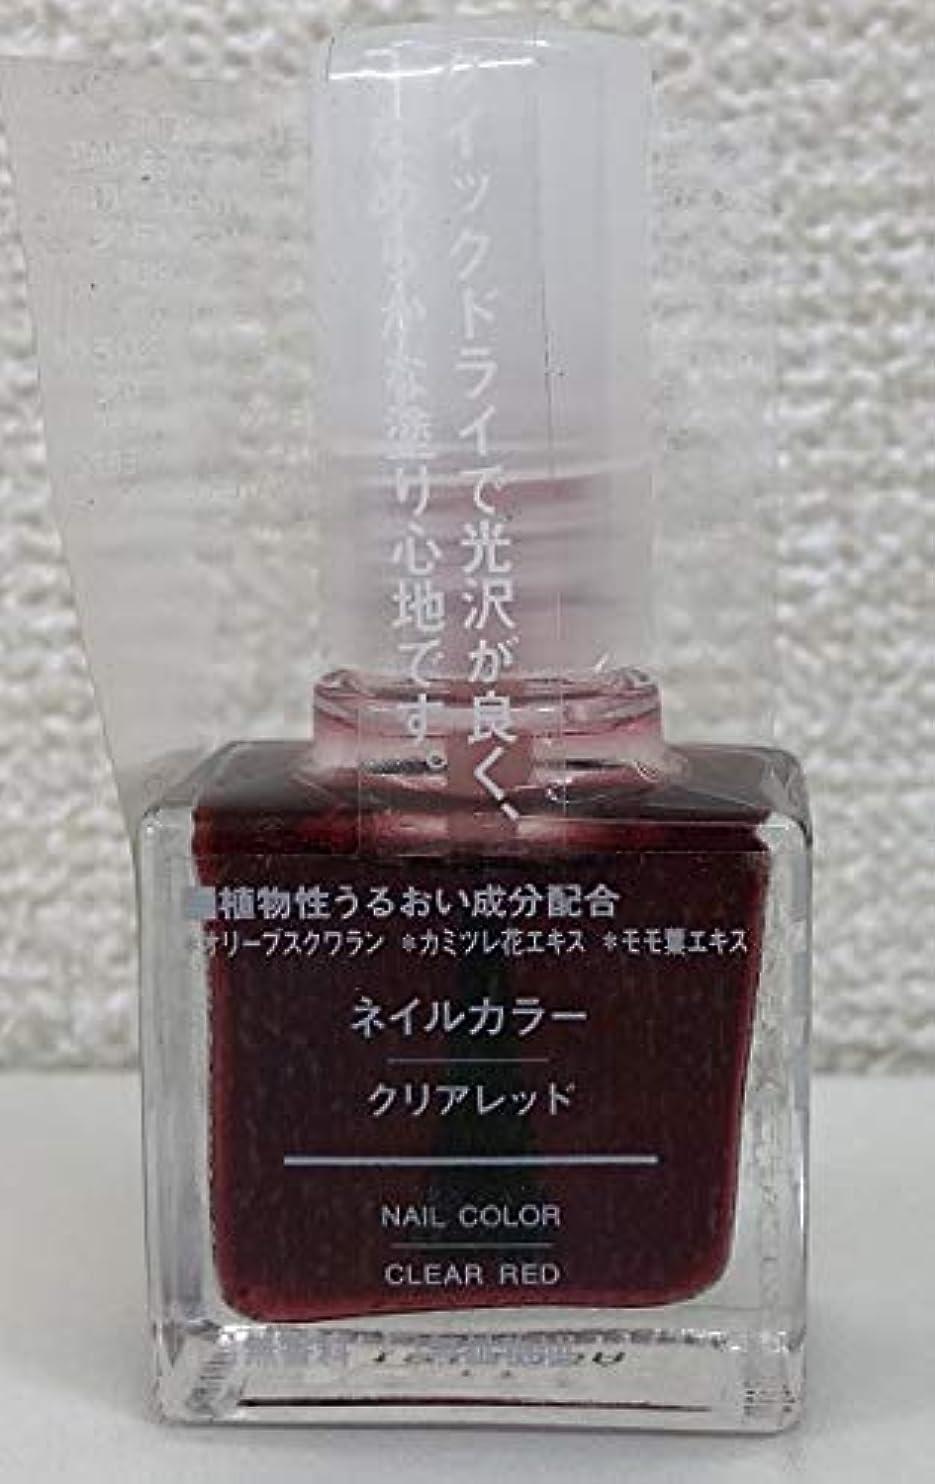 ラフ睡眠急性避難する無印良品 ネイルカラー クリアレッド 10mL 日本製